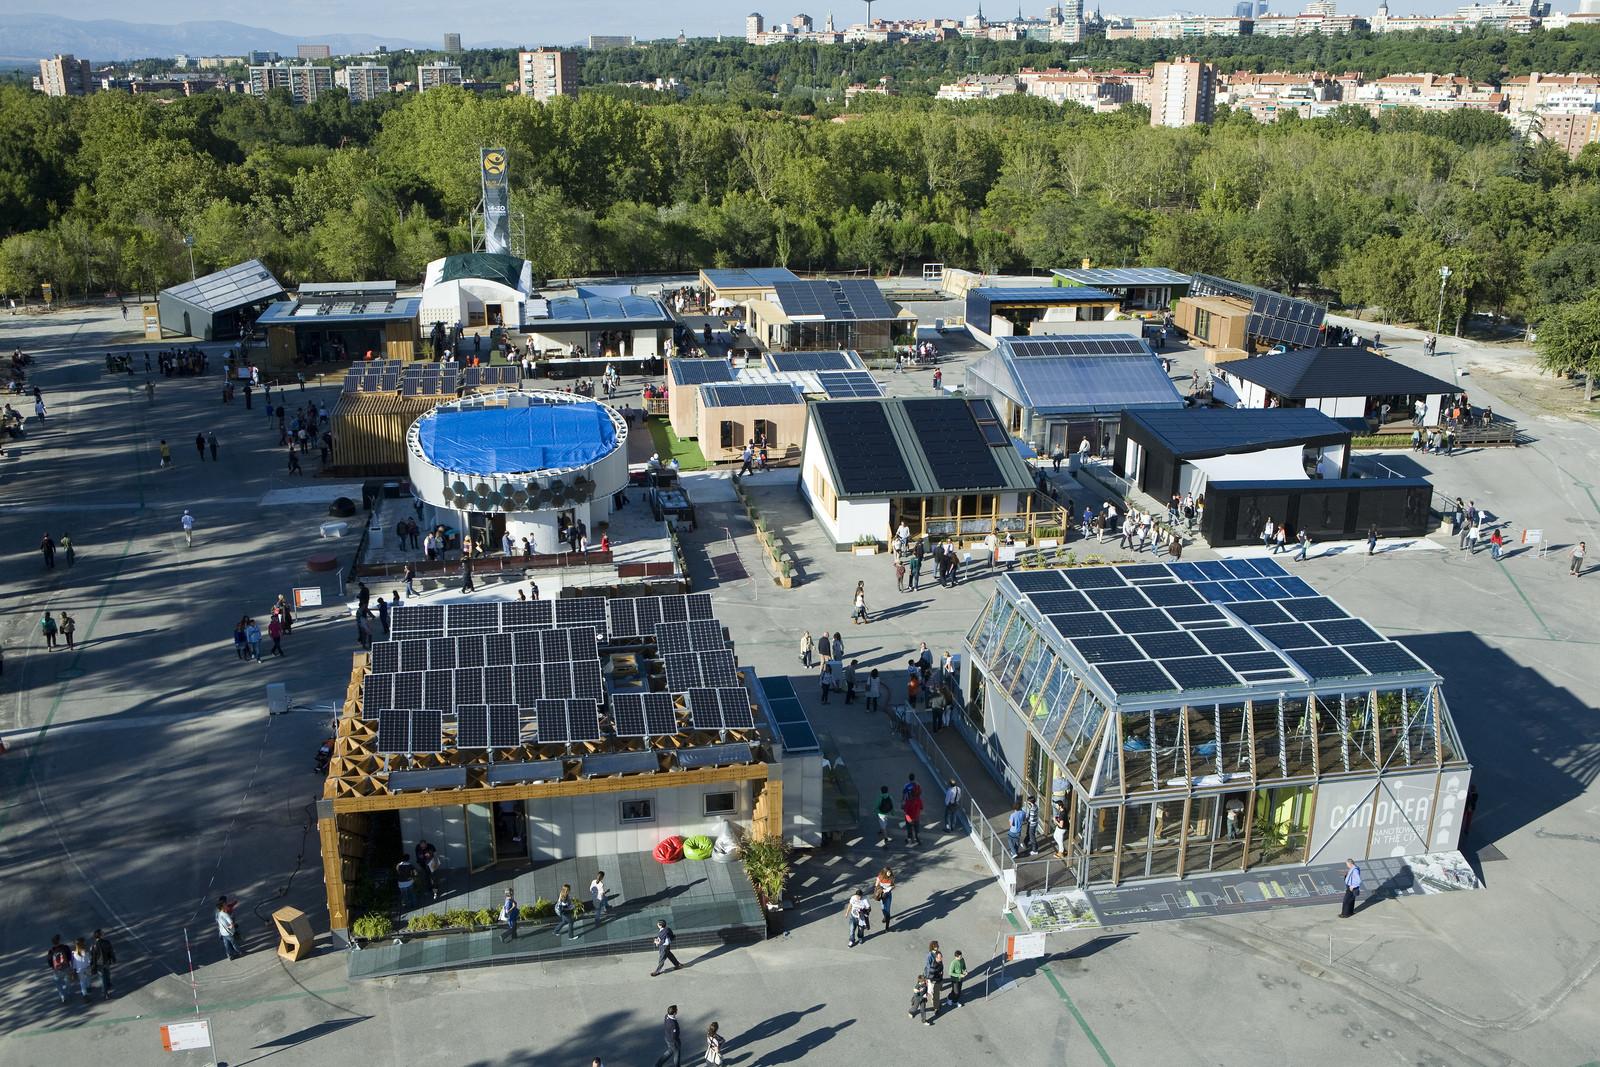 Primeiro Solar Decathlon  América Latina será realizado em Cali, Colômbia, em 2015, Solar Decathlon Europa 2012, em Madri, Espanh. Imagem © Via Flickr, Usuário SDEurope